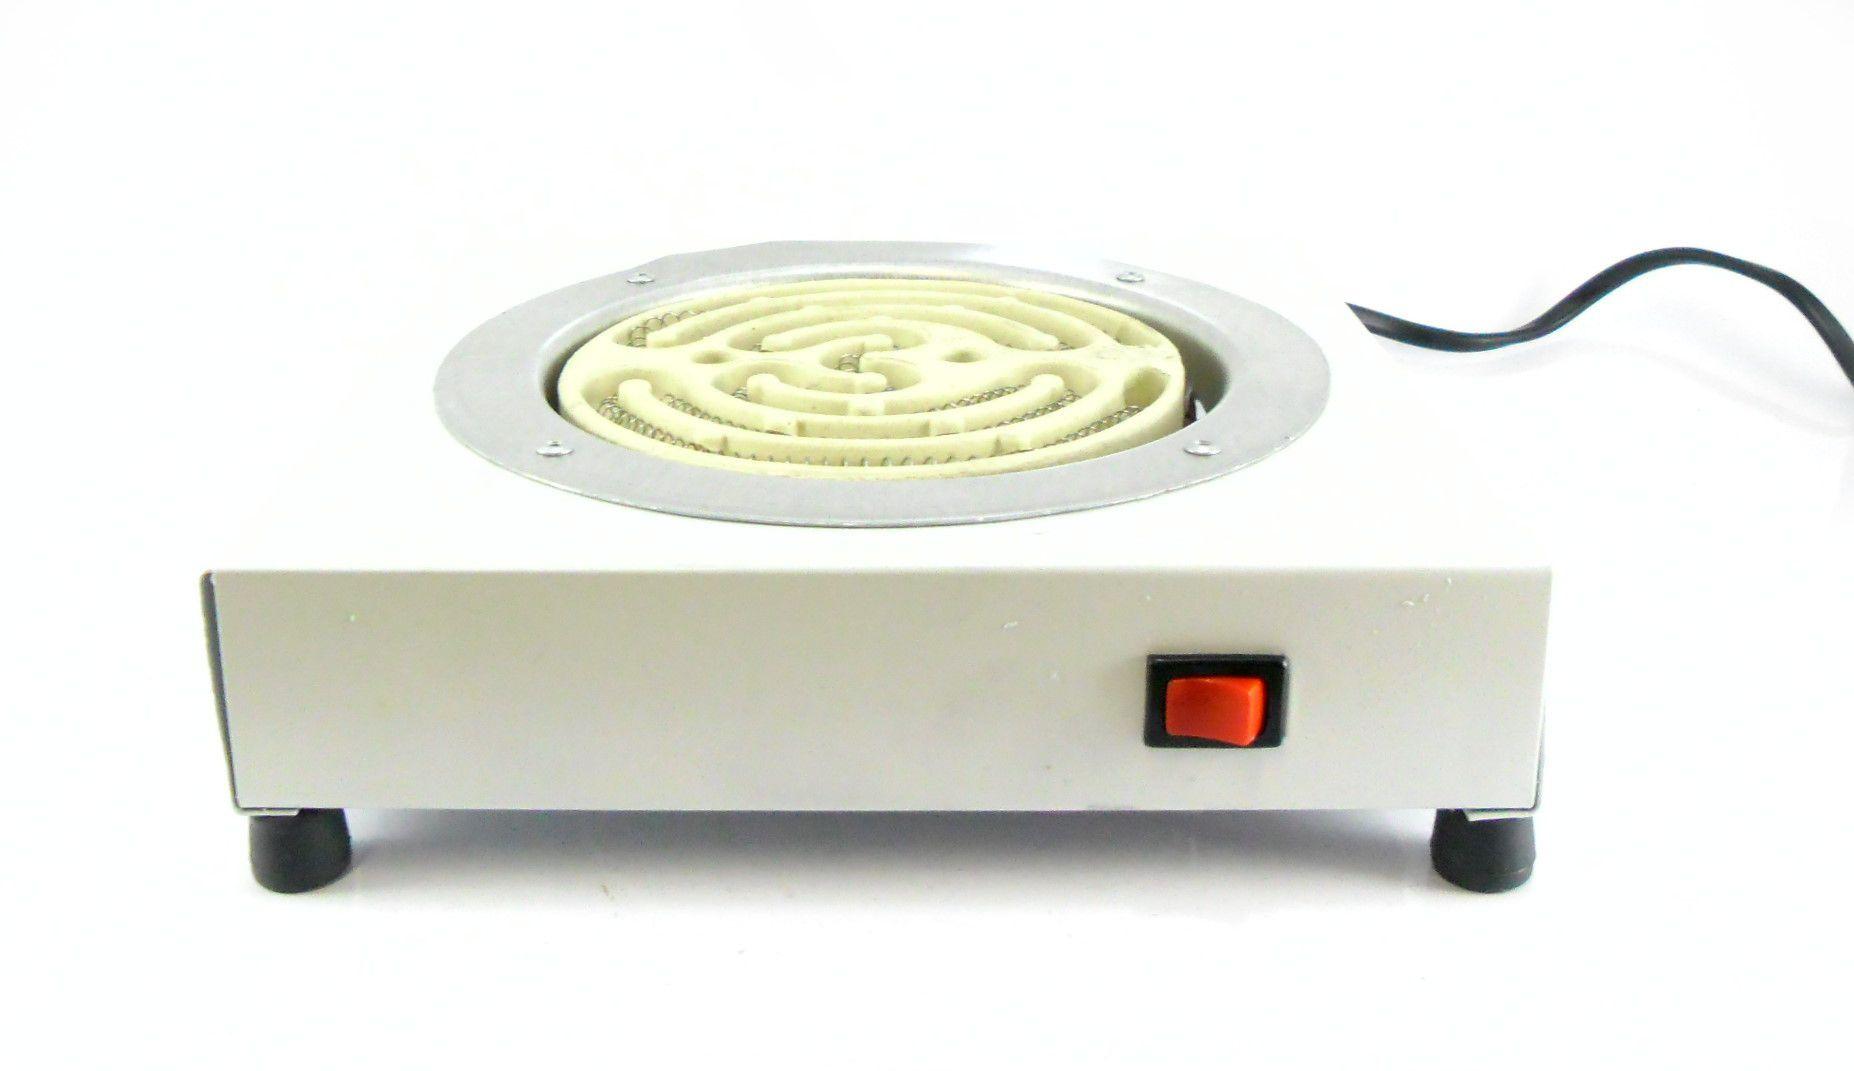 Fogareiro elétrico para acender carvão Chamafil QUADRADO com BOTÃO DE LIGA/DESLIGA (127V ou 220V)